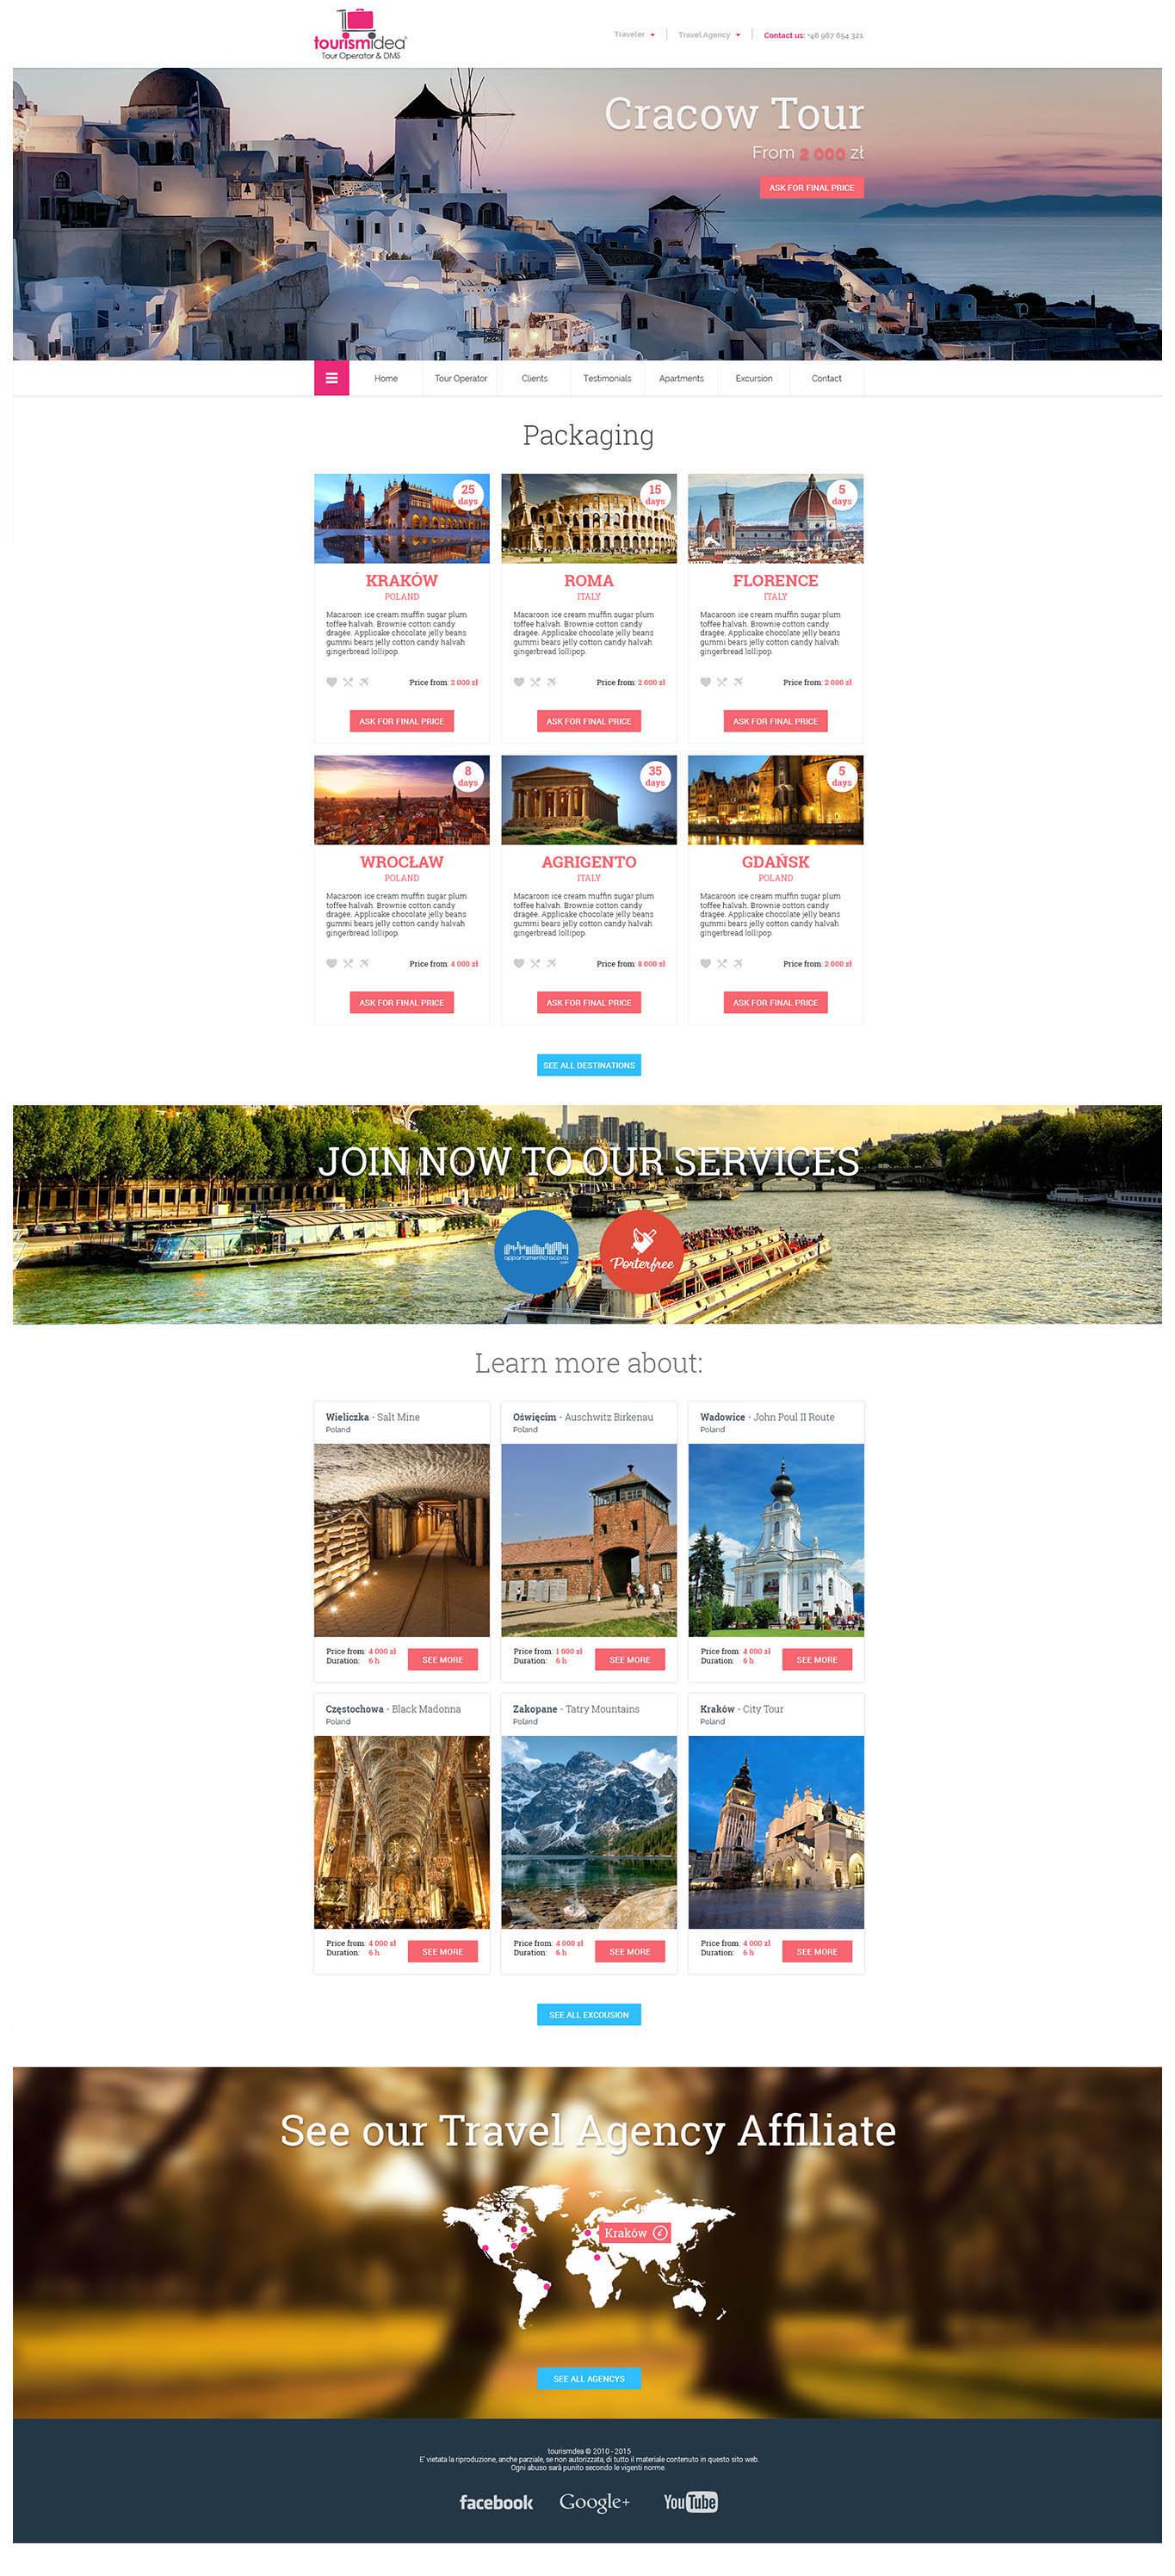 pixels can talk web tourism idea 02